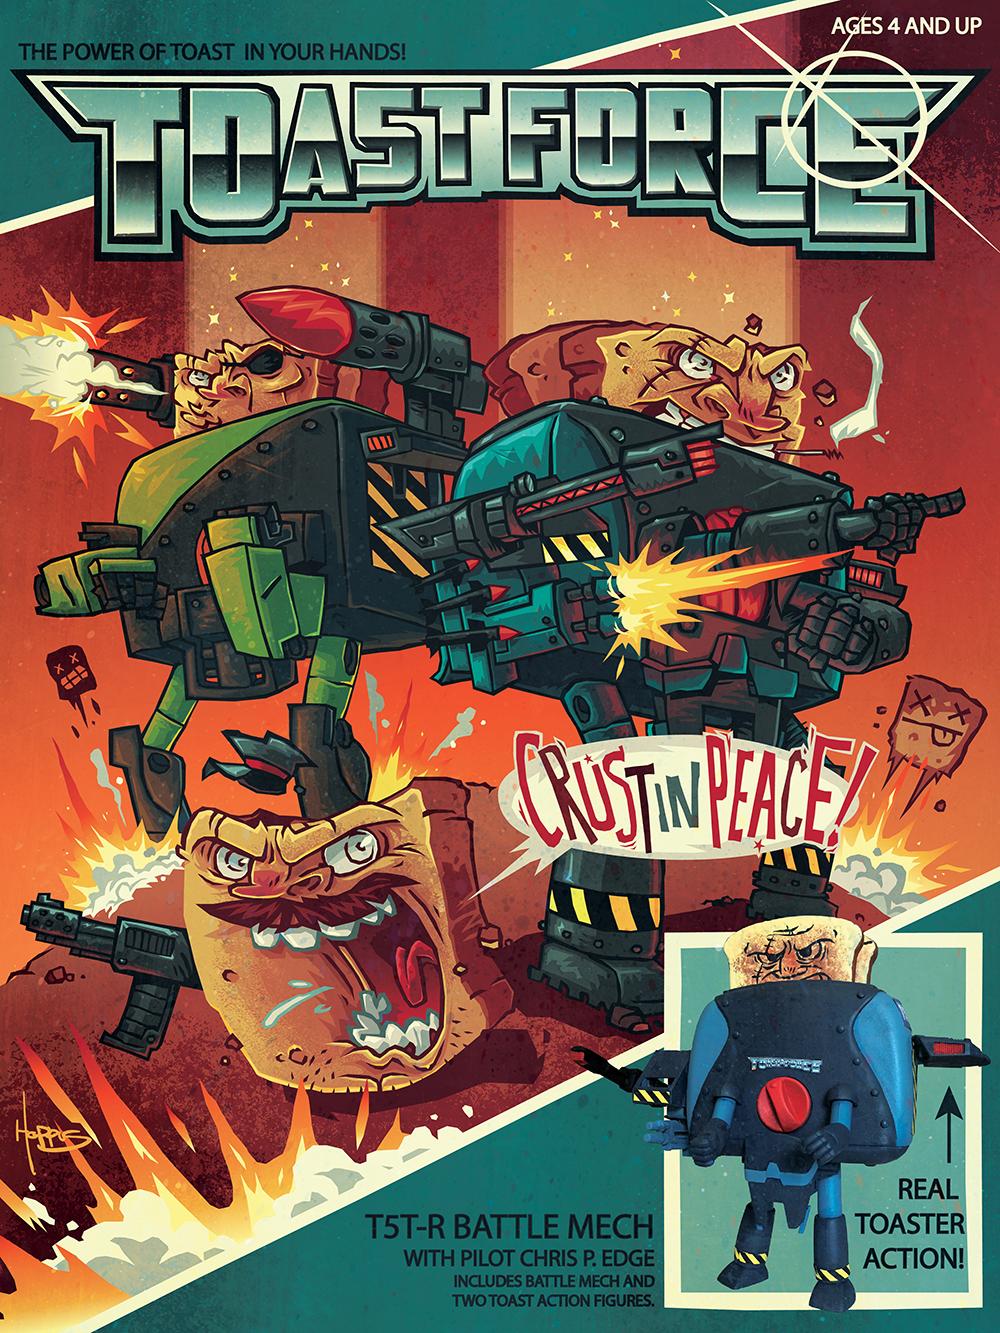 Hoppus_Toast Force.jpg